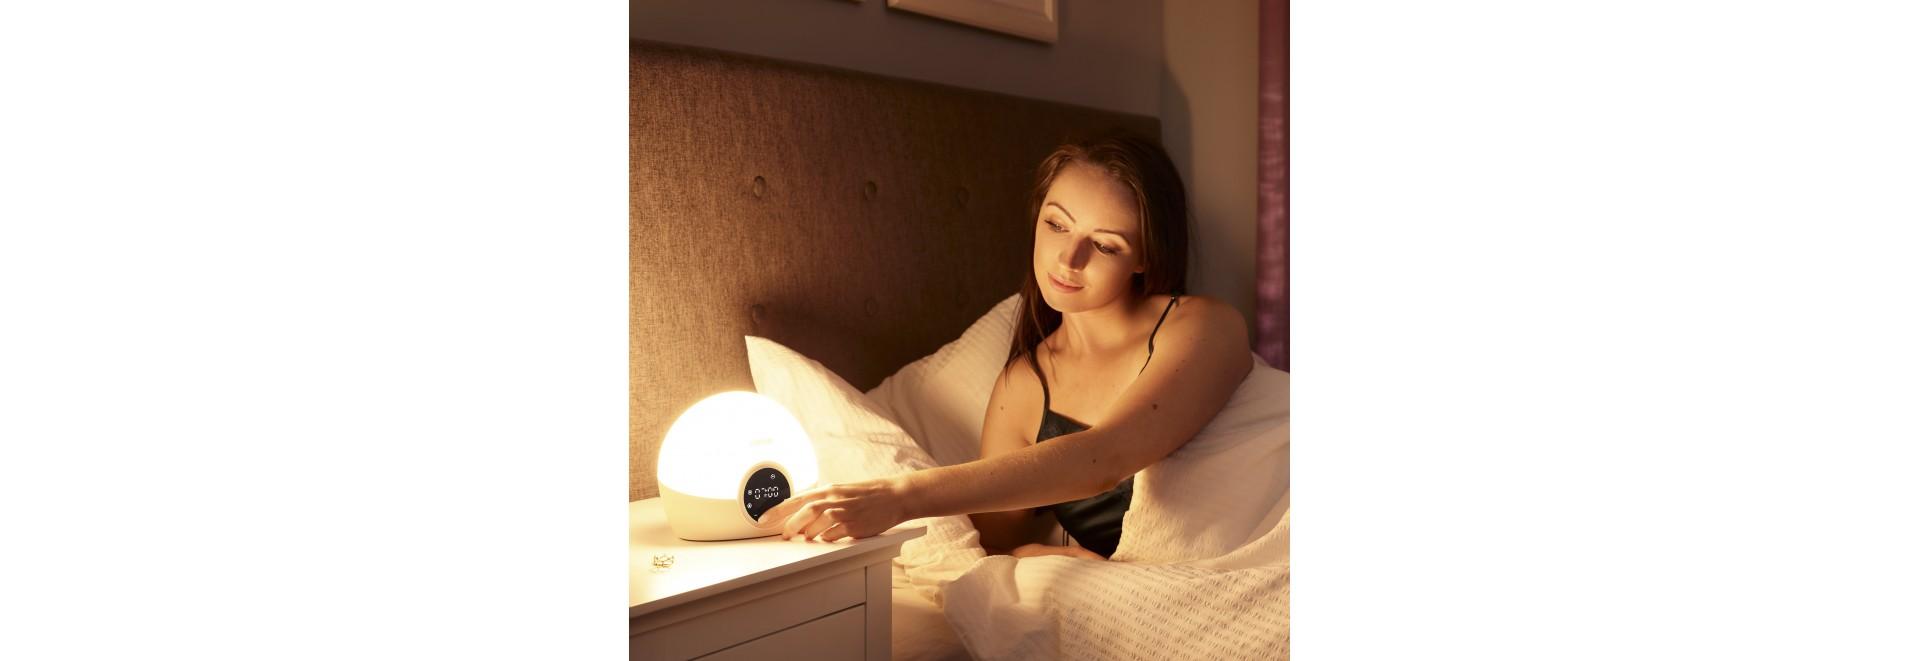 Lichtwecker sonnenaufgangssimulator - lichttherapie - Medi-Lum